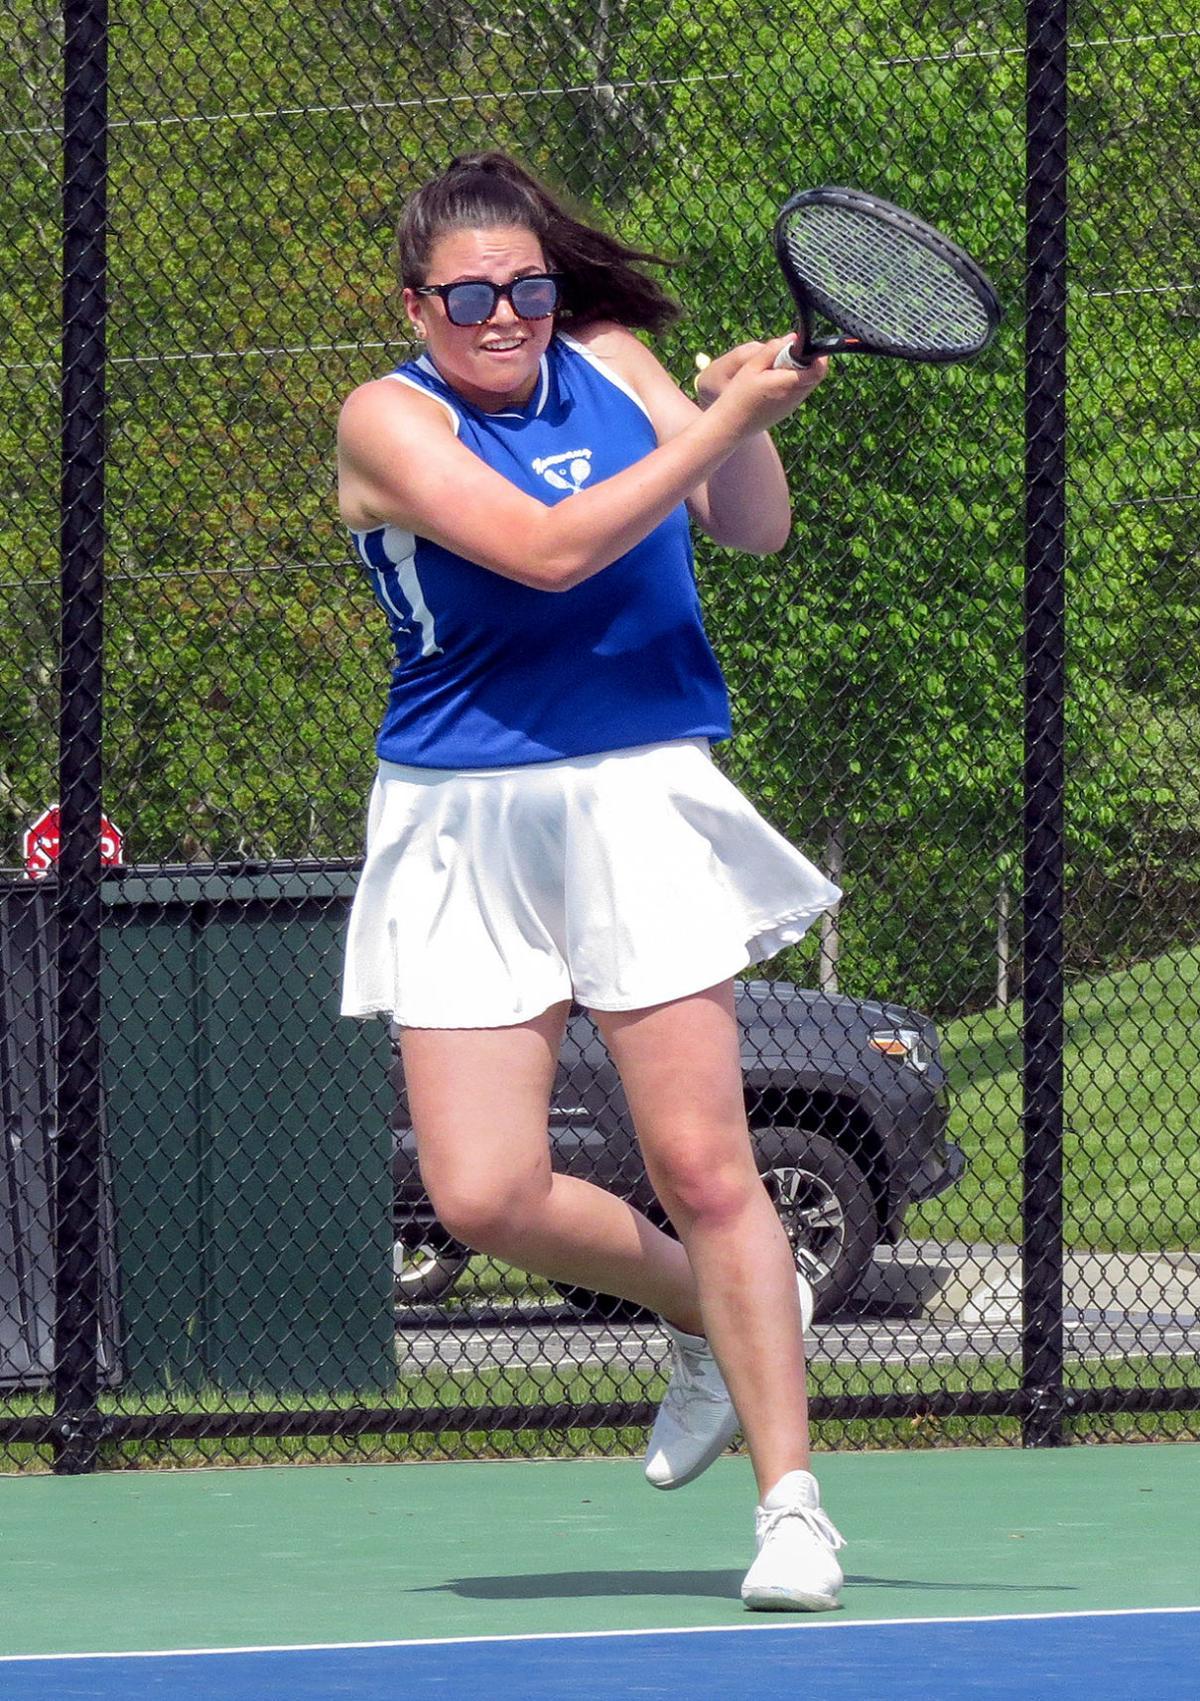 Berkshire League Girls' Tennis Standouts